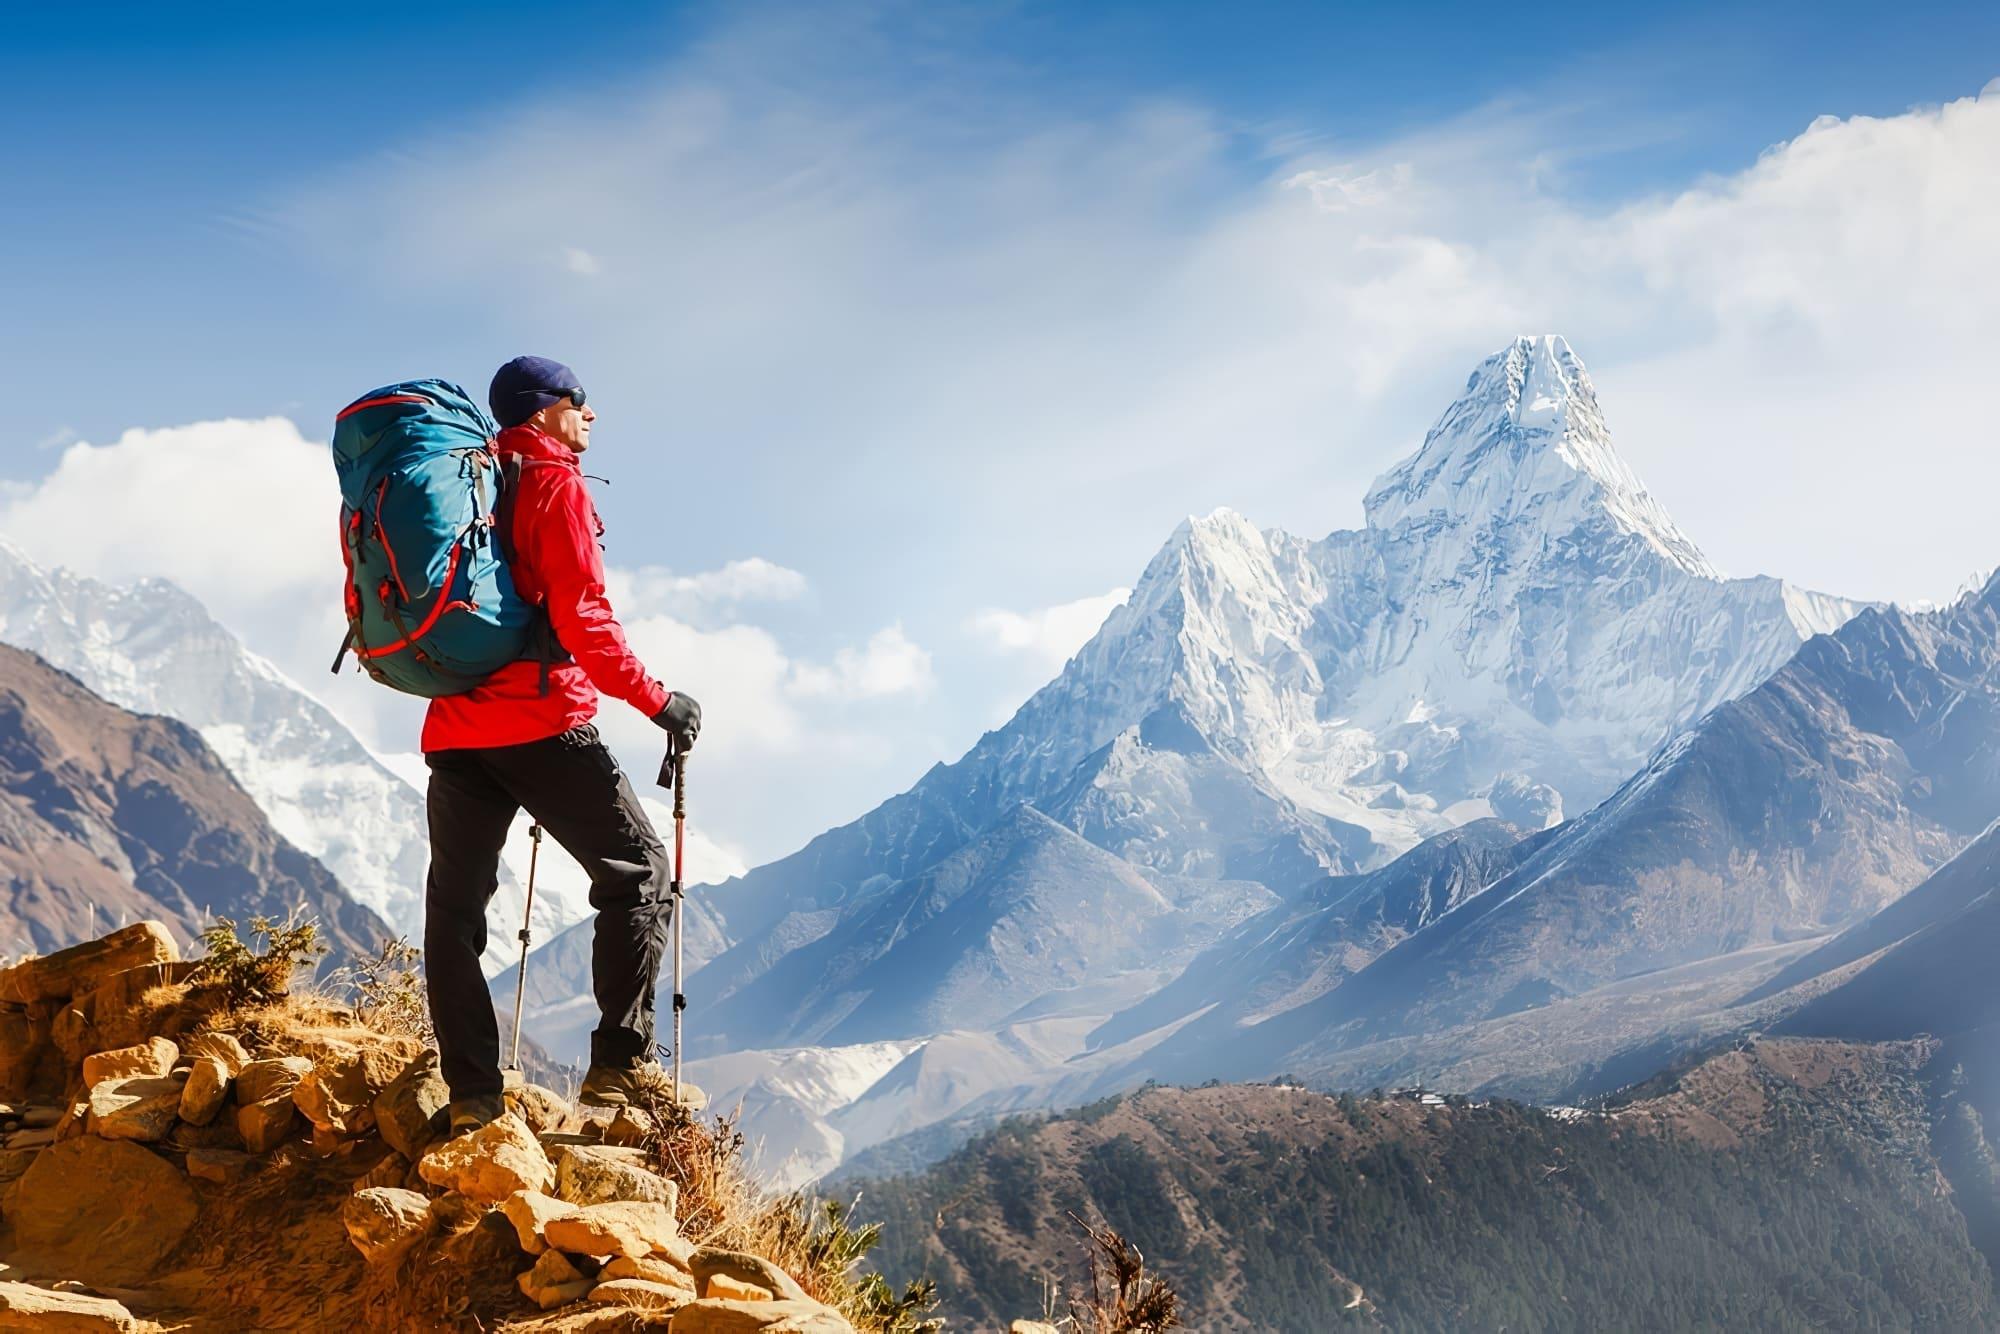 Les 9 meilleurs spots où faire de la randonnée de France